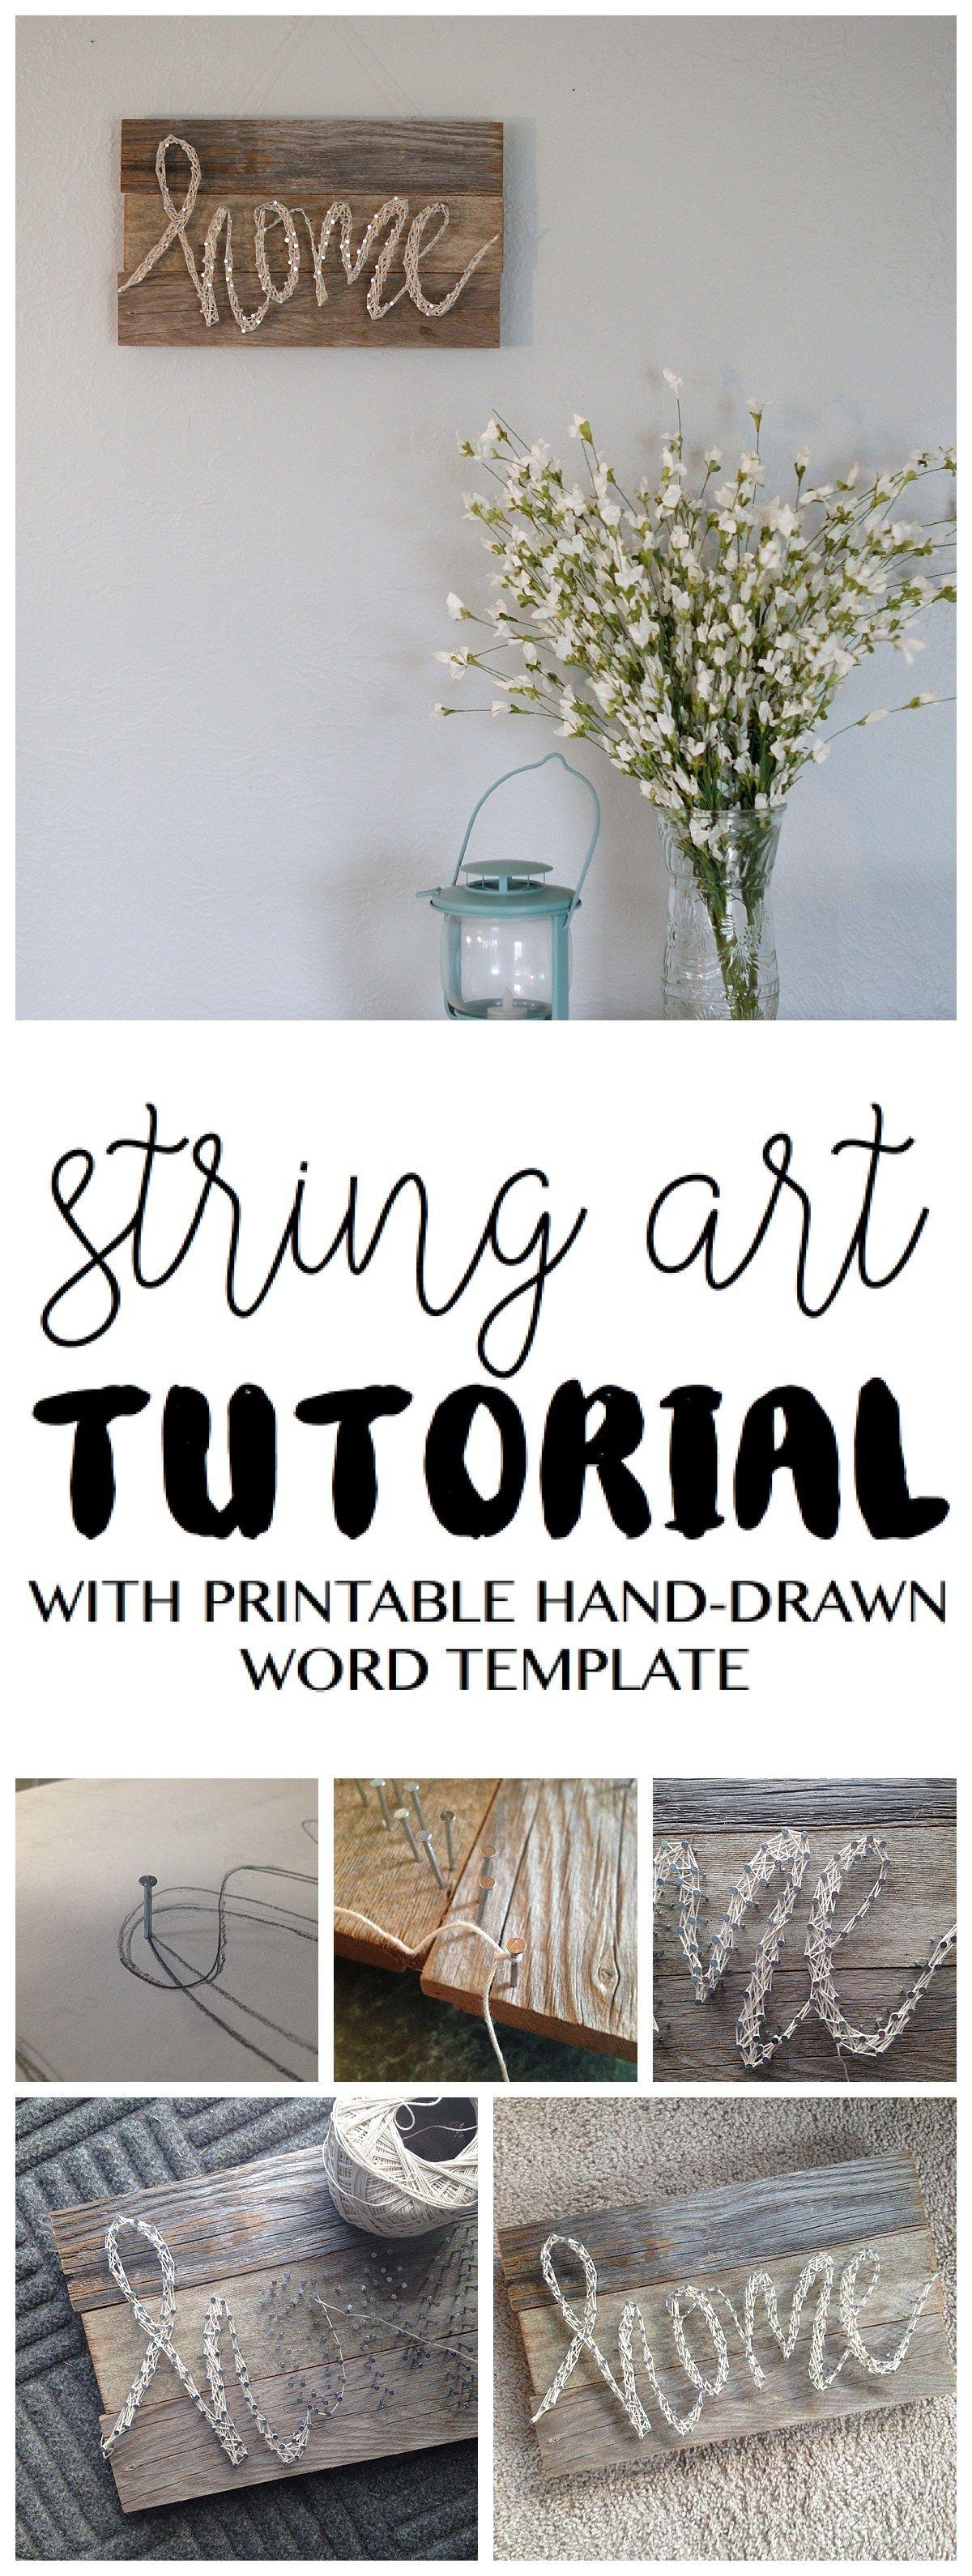 string art tutorial diy home decor pallet sign home decor diy string art tutorial diy home decor pallet sign